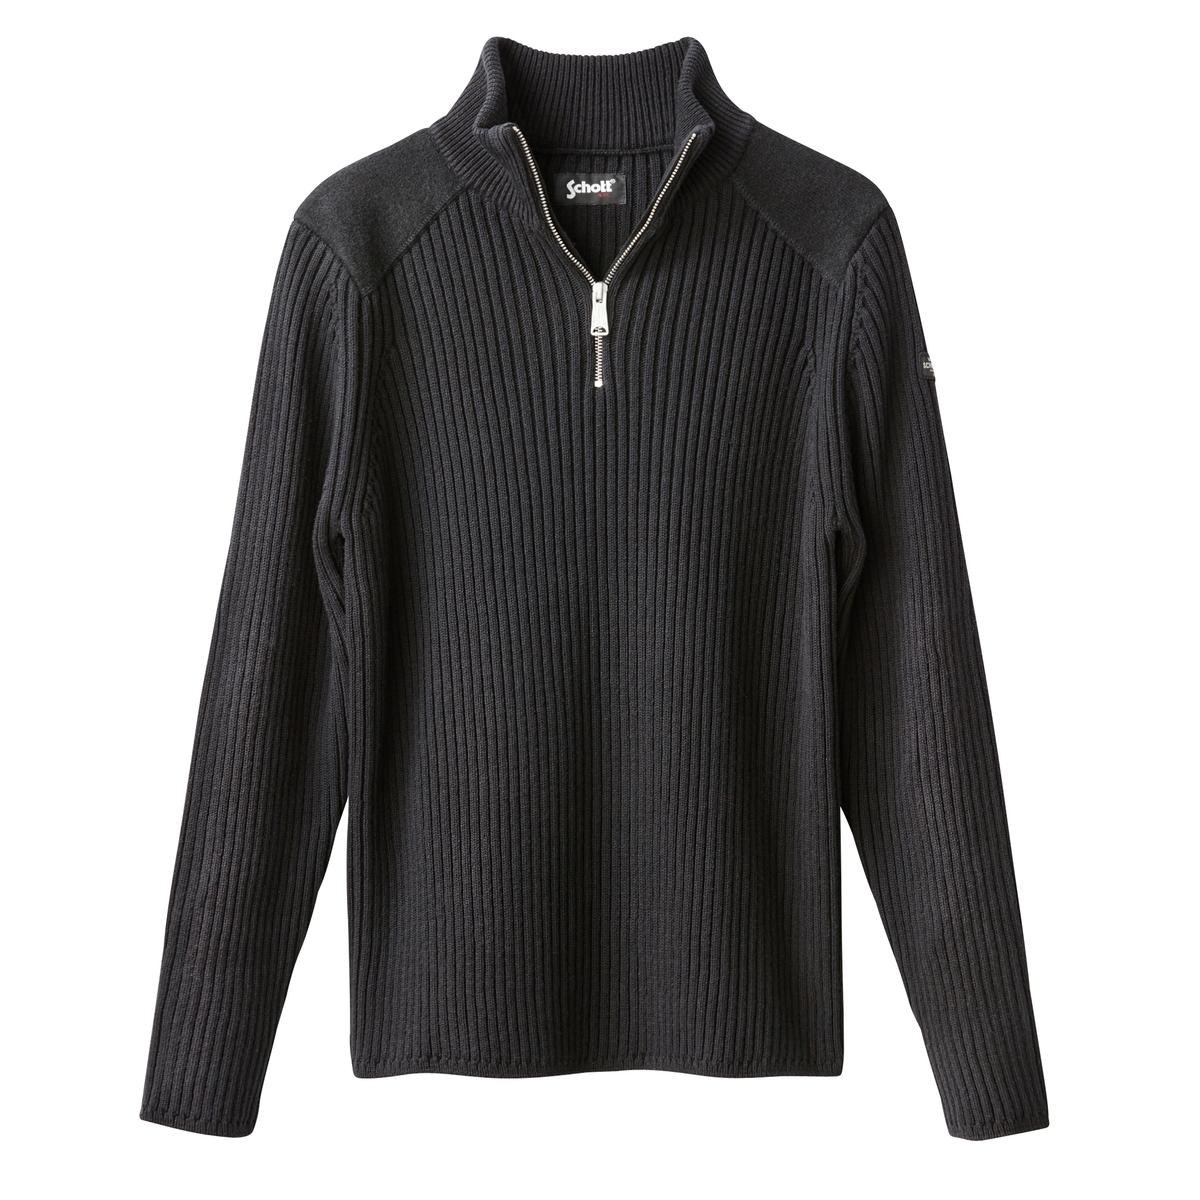 Пуловер классическийДетали •  Длинные рукава  •  Воротник-стойка •  Плотный трикотаж Состав и уход •  50% акрила, 50% хлопка •  Следуйте советам по уходу, указанным на этикетке<br><br>Цвет: синий морской,черный